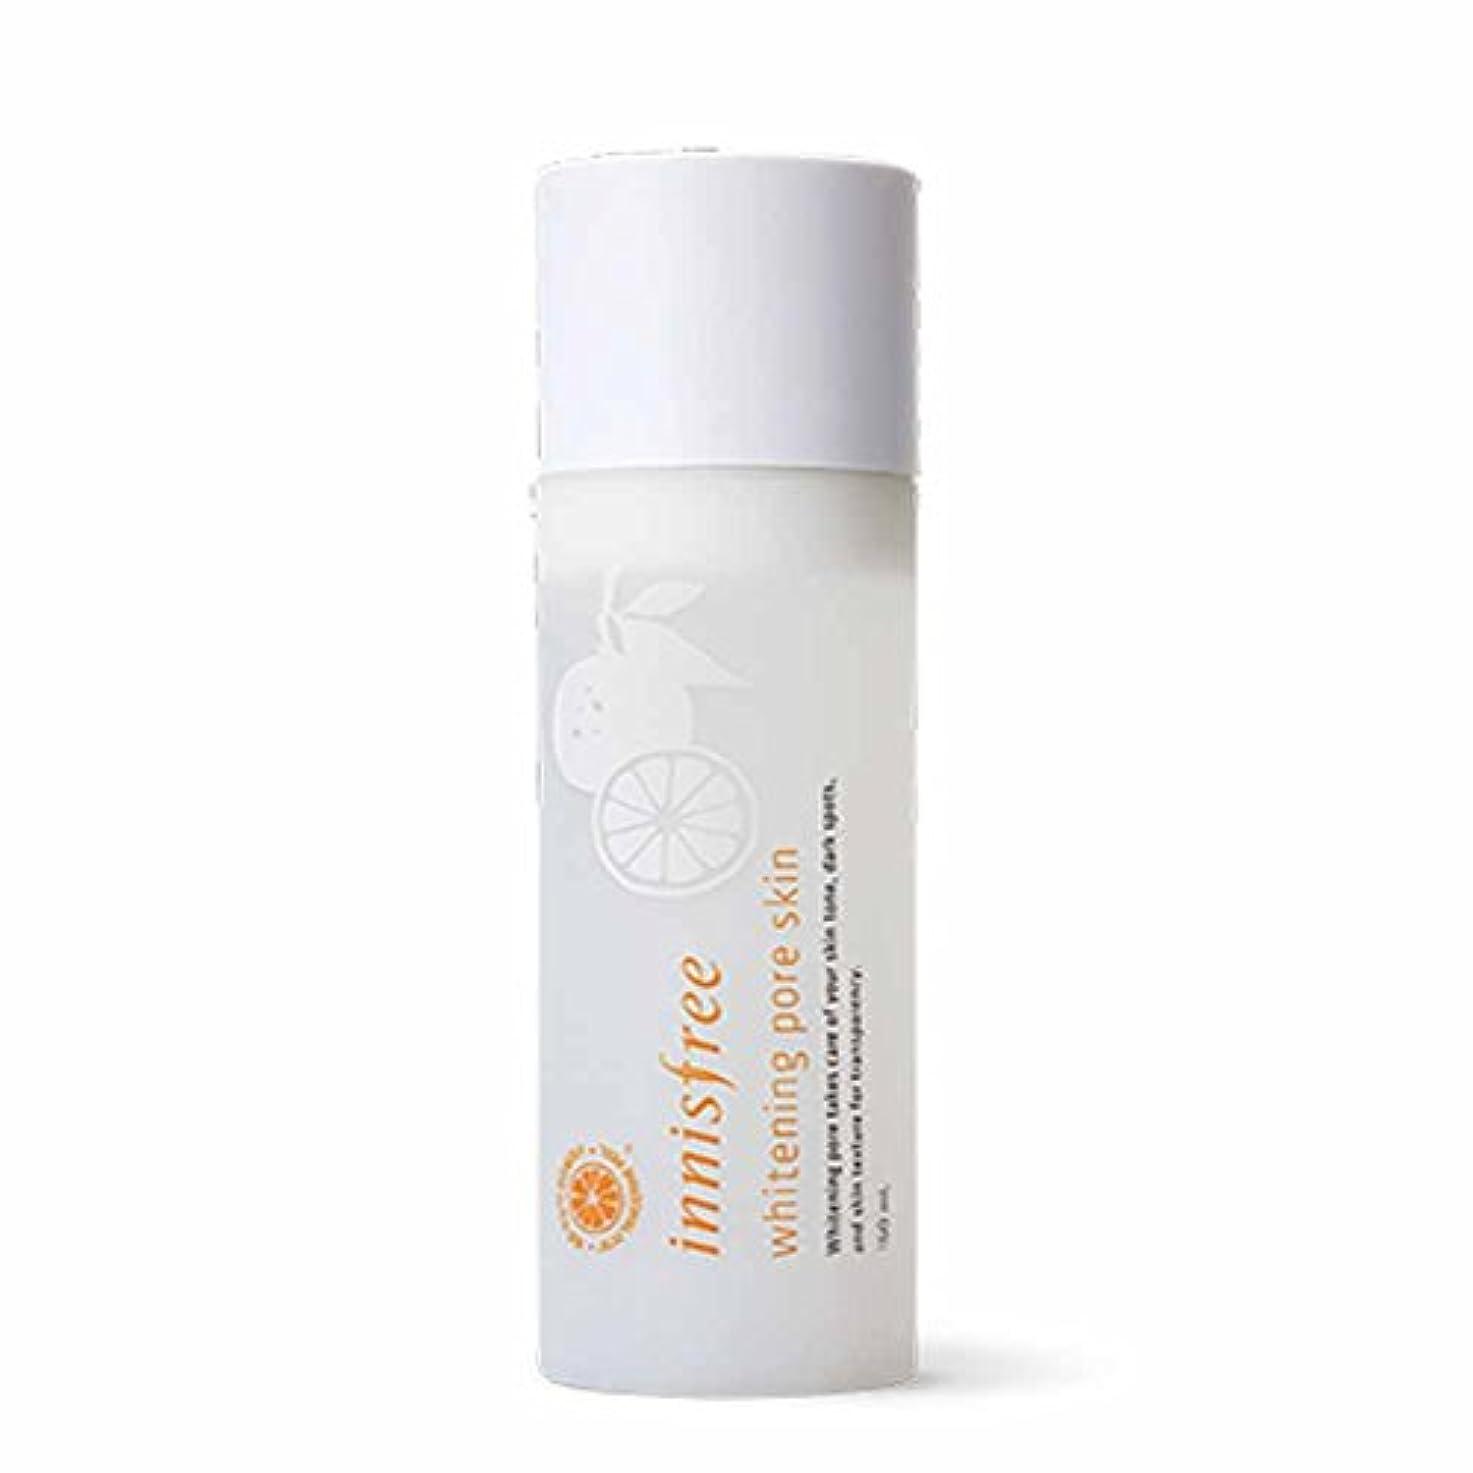 税金直感封建イニスフリーホワイトニングポアスキン(トナー)150ml Innisfree Whitening Pore Skin(Toner) 150ml [海外直送品][並行輸入品]